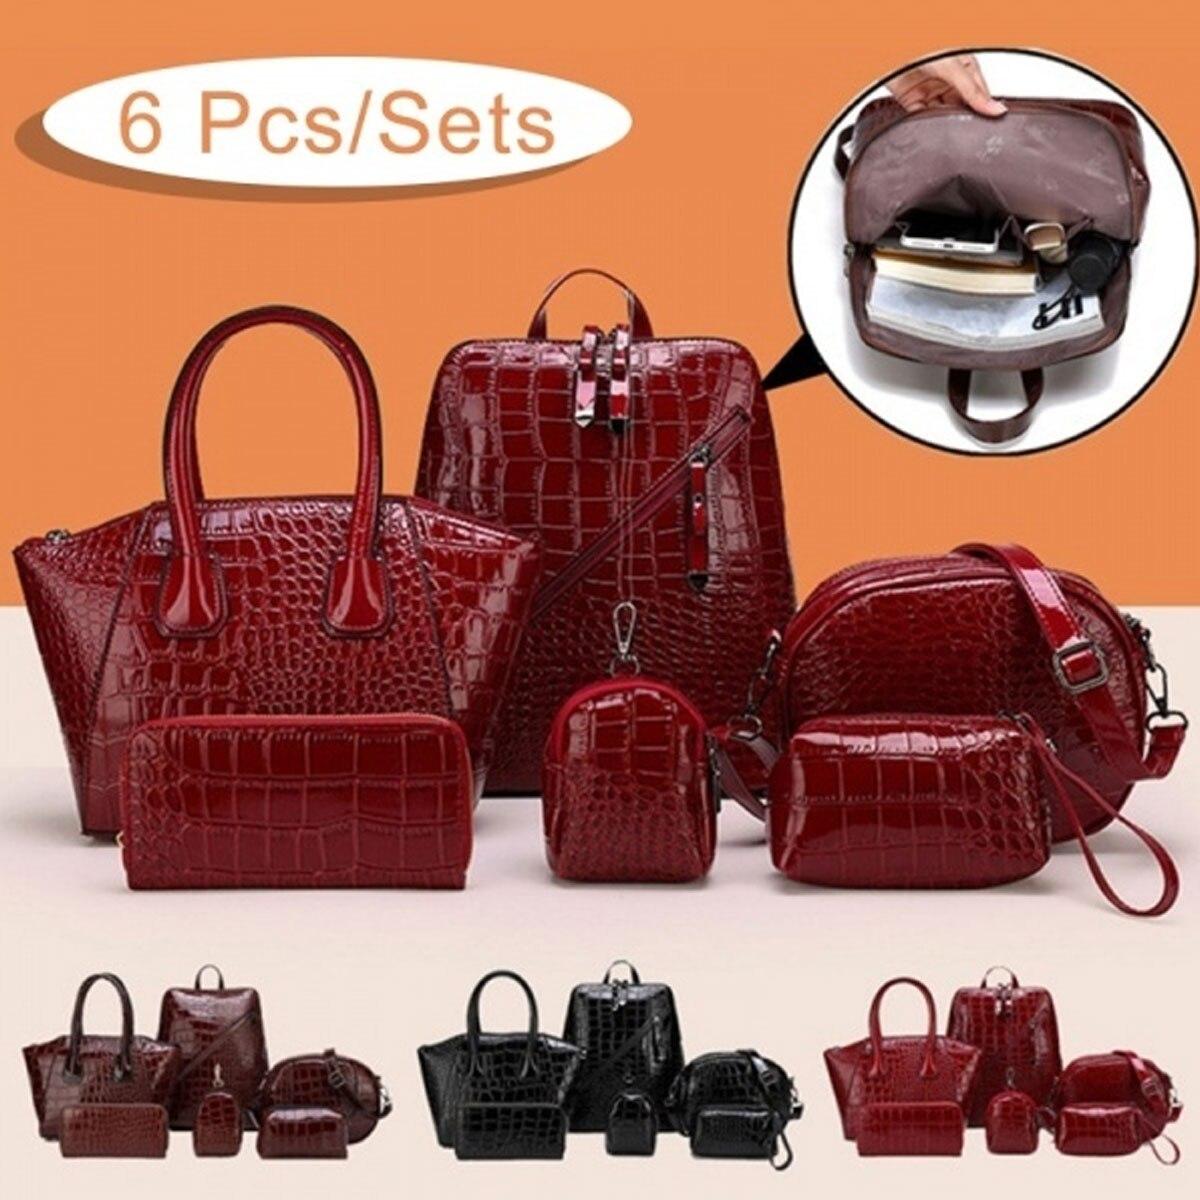 6PCS/set Women Bags Set Fashion Luxury Crocodile Pattern Female Handbags PU Leather Shoulder Bags Composite Bags Messenger Bag